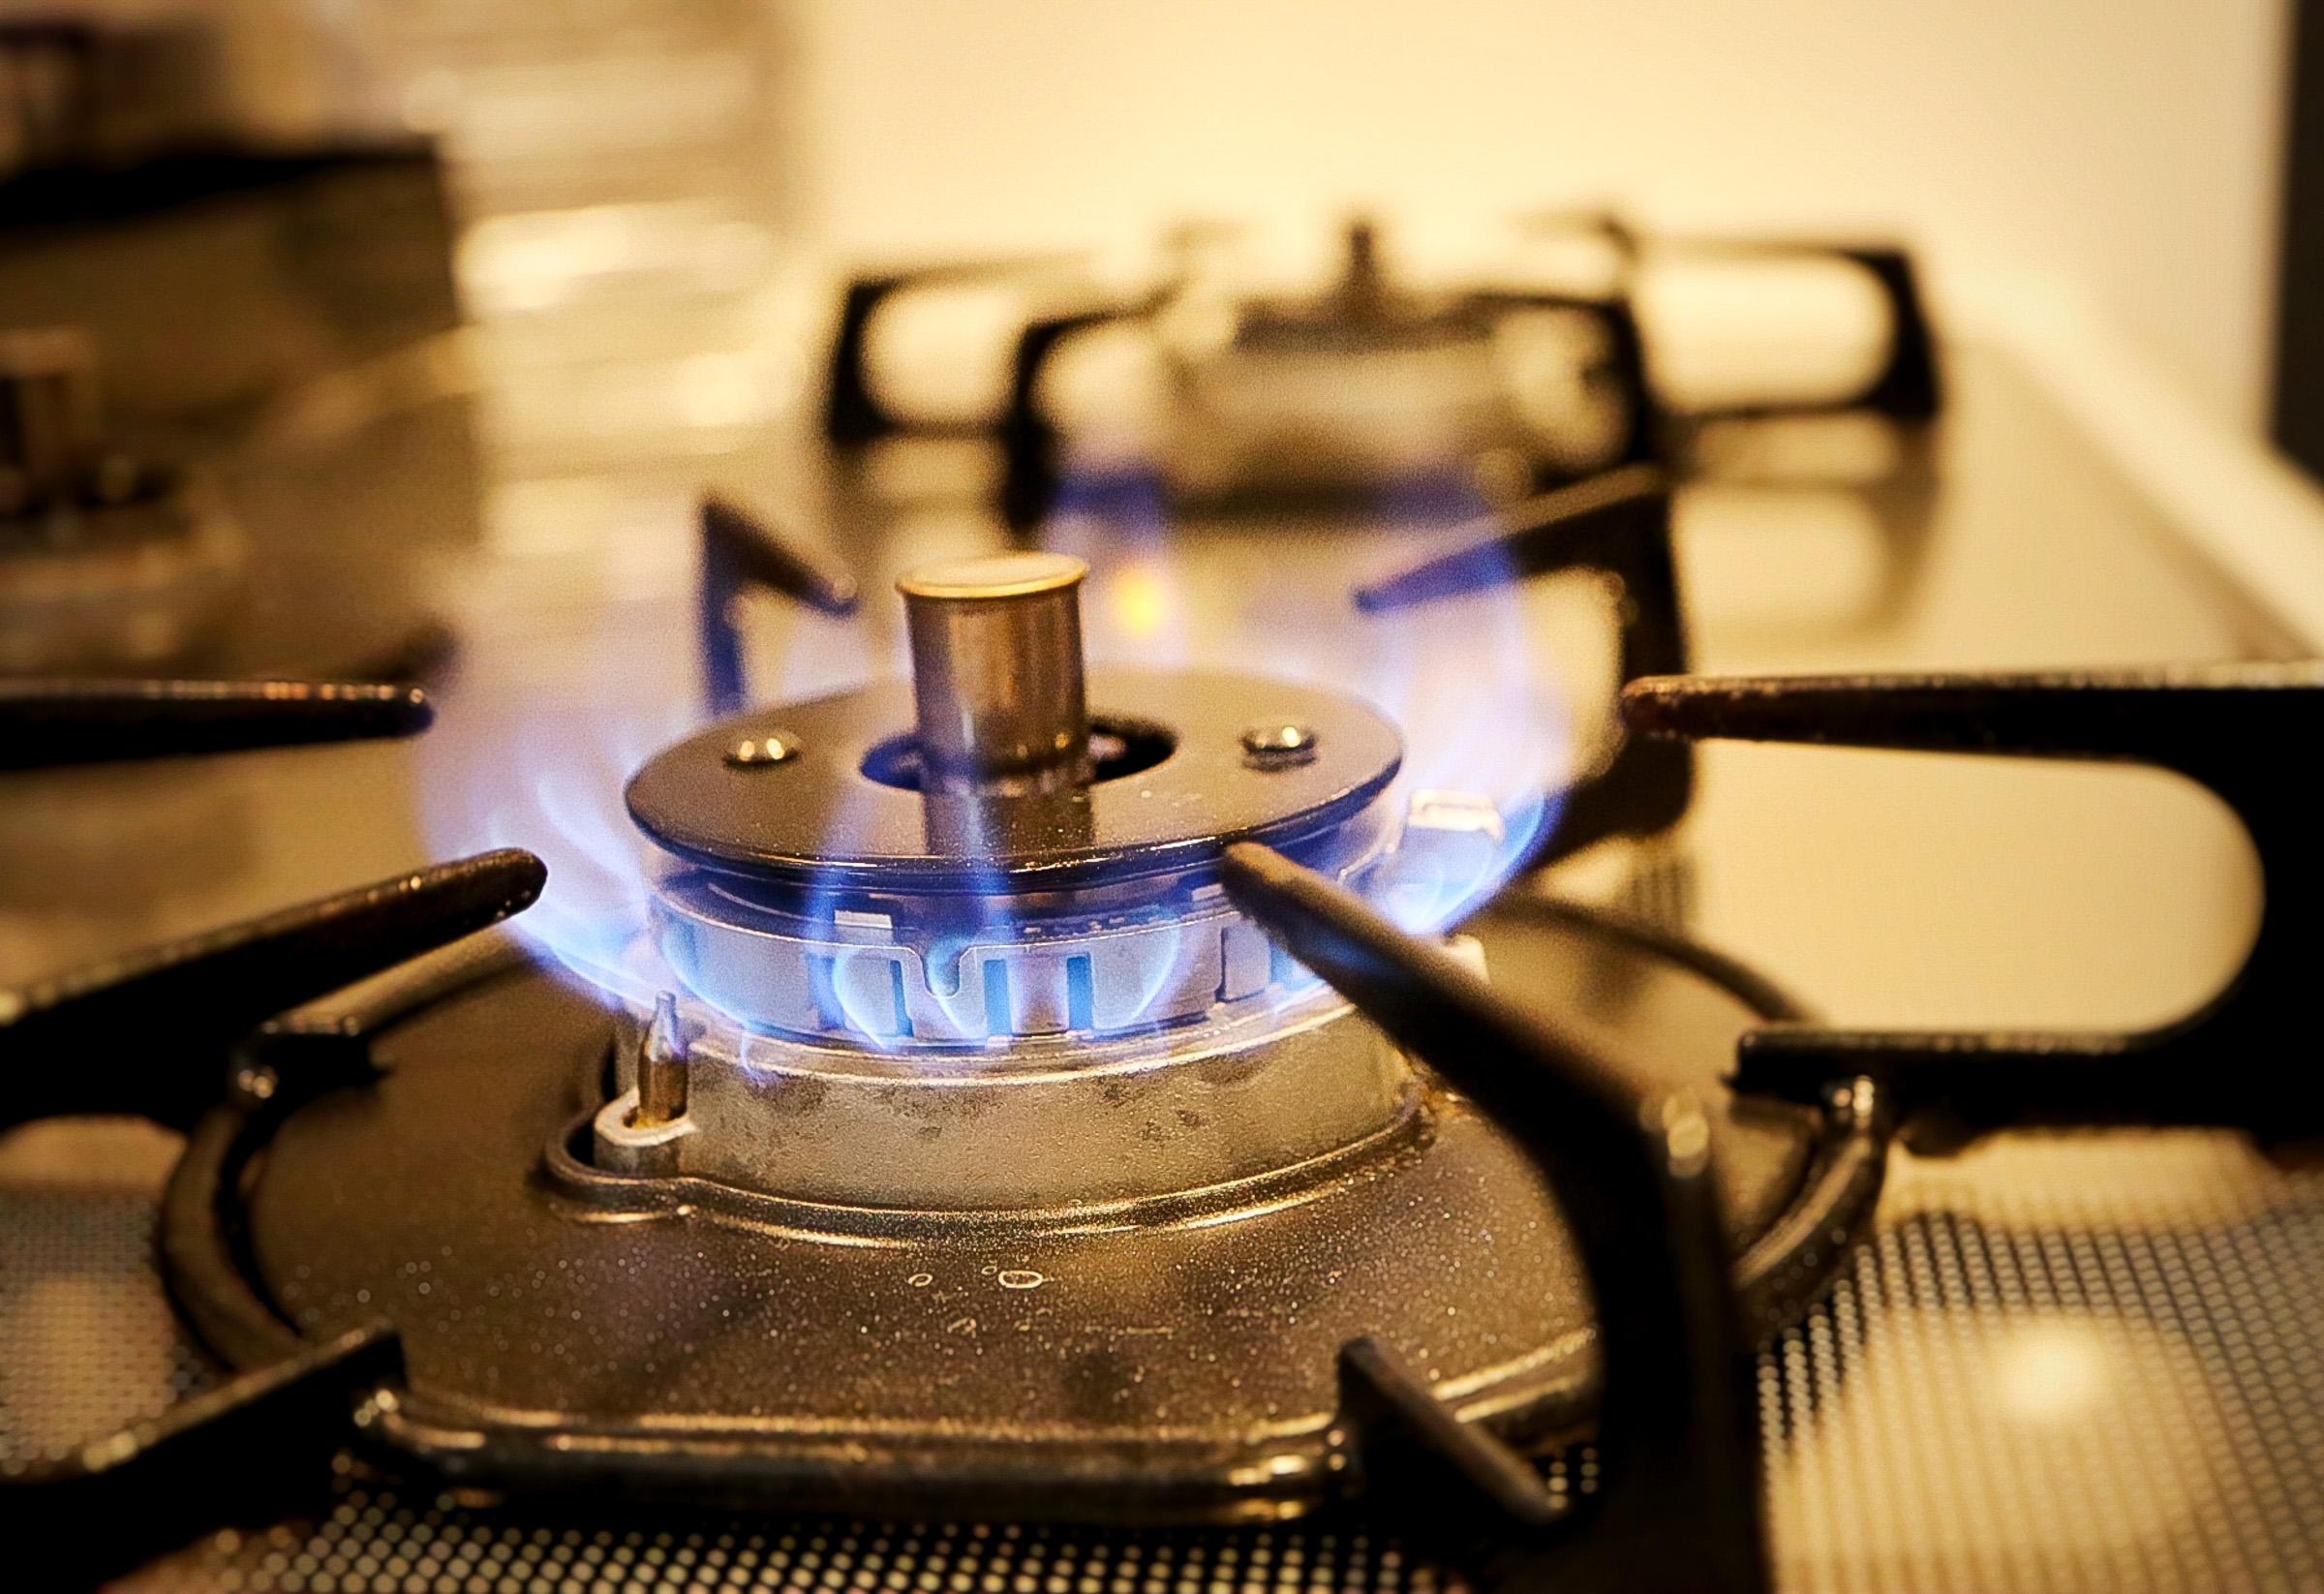 熱の発生を極力抑えて快適なキッチンに